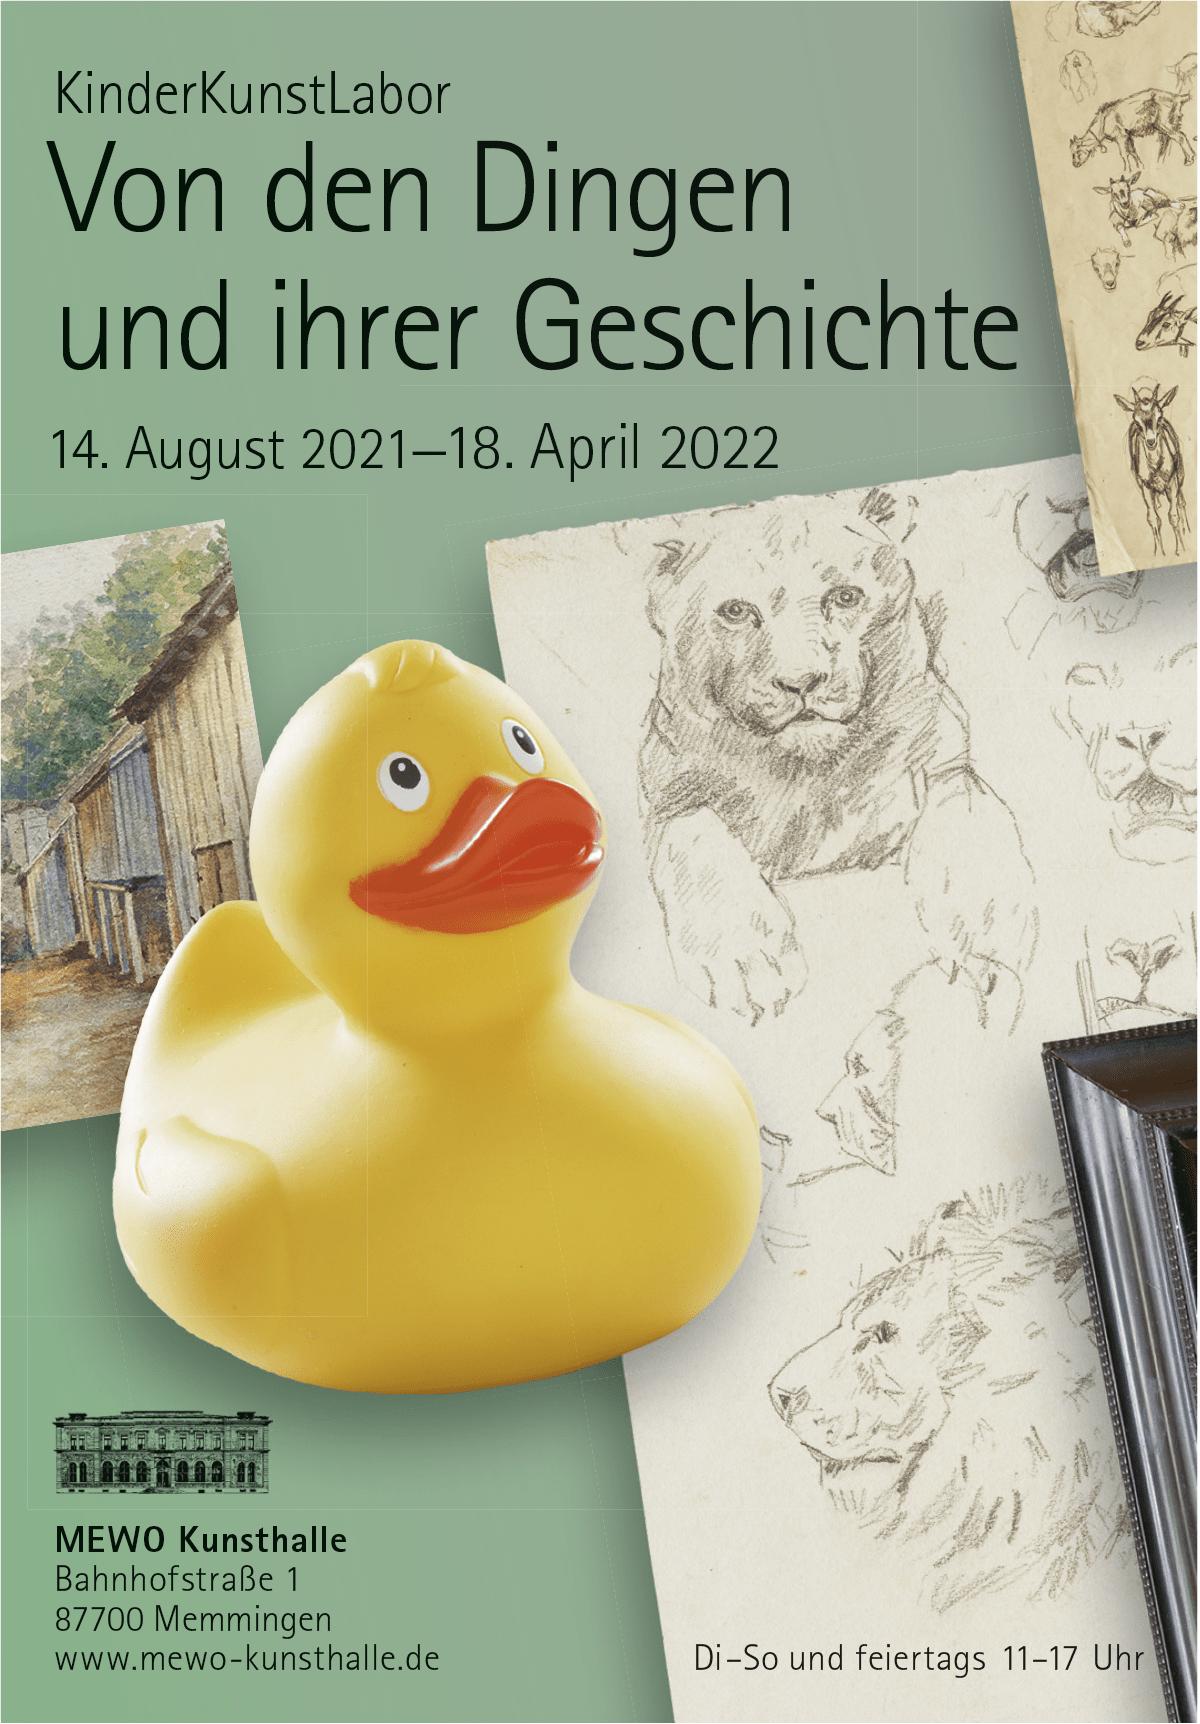 Anzeige für das KinderKunstLabor der MEWO-Kunsthalle